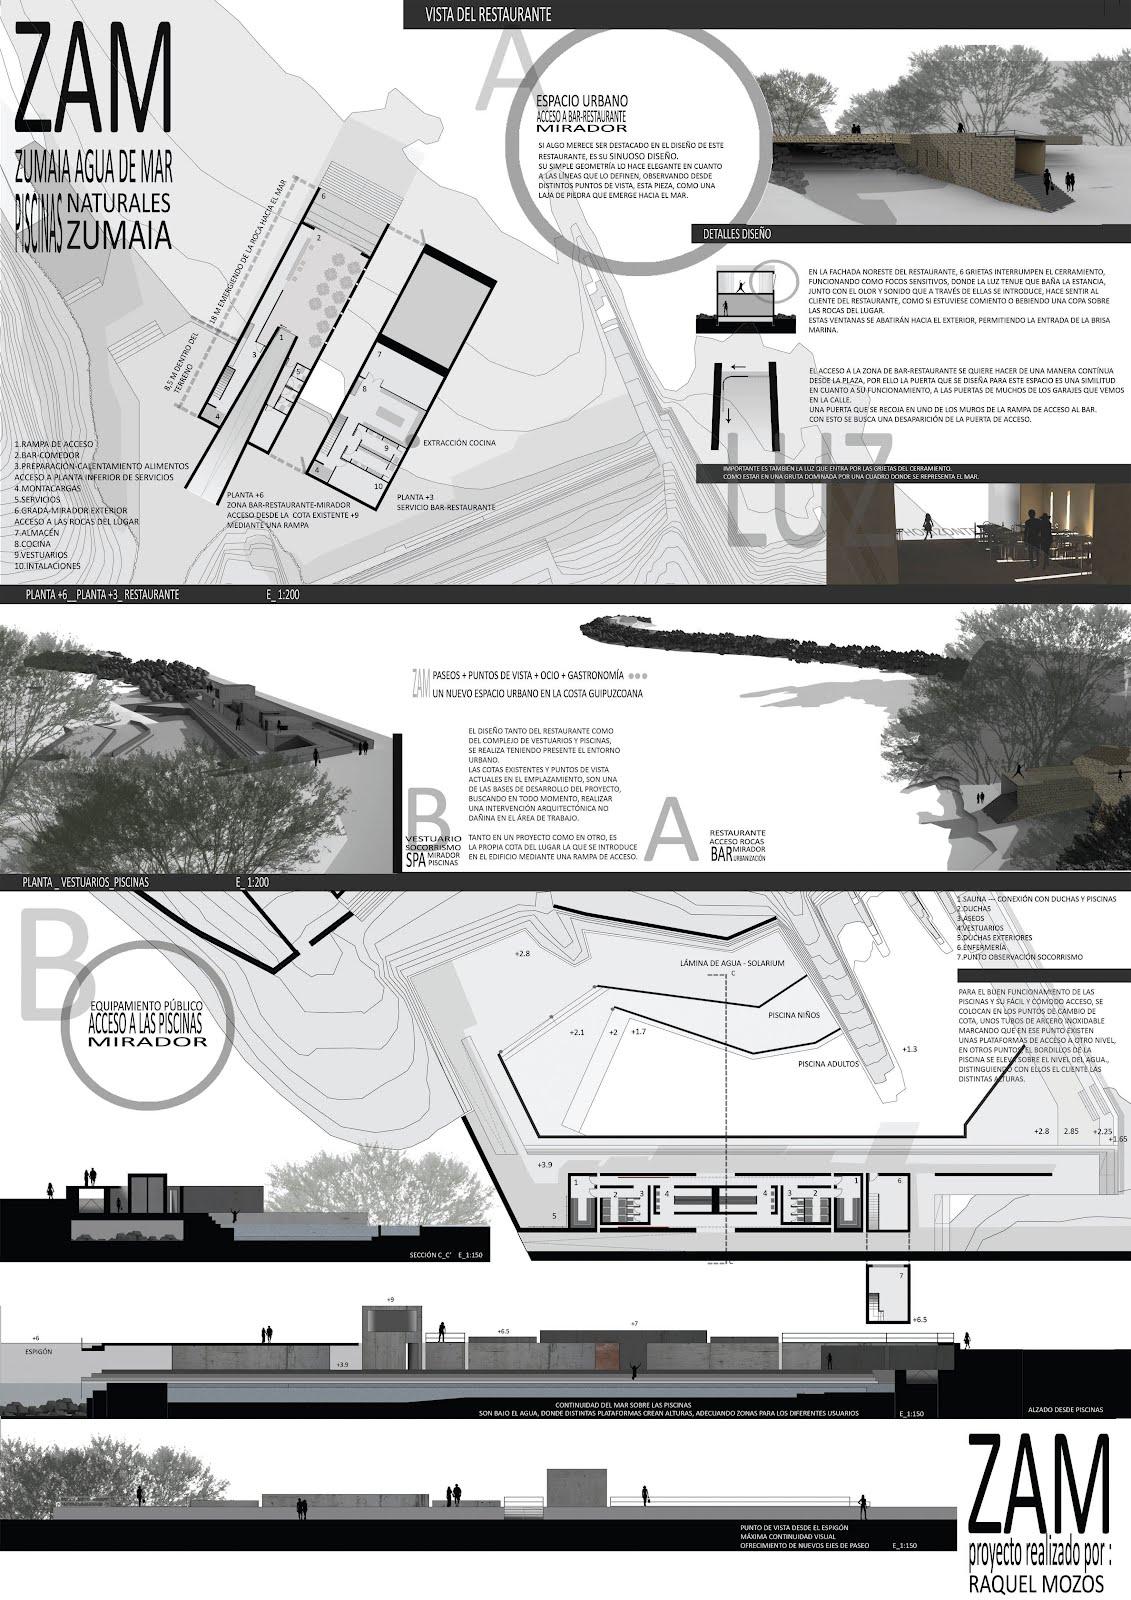 Raquel mozos de la fuente piscinas naturales en zumaia for Plataforma de arquitectura